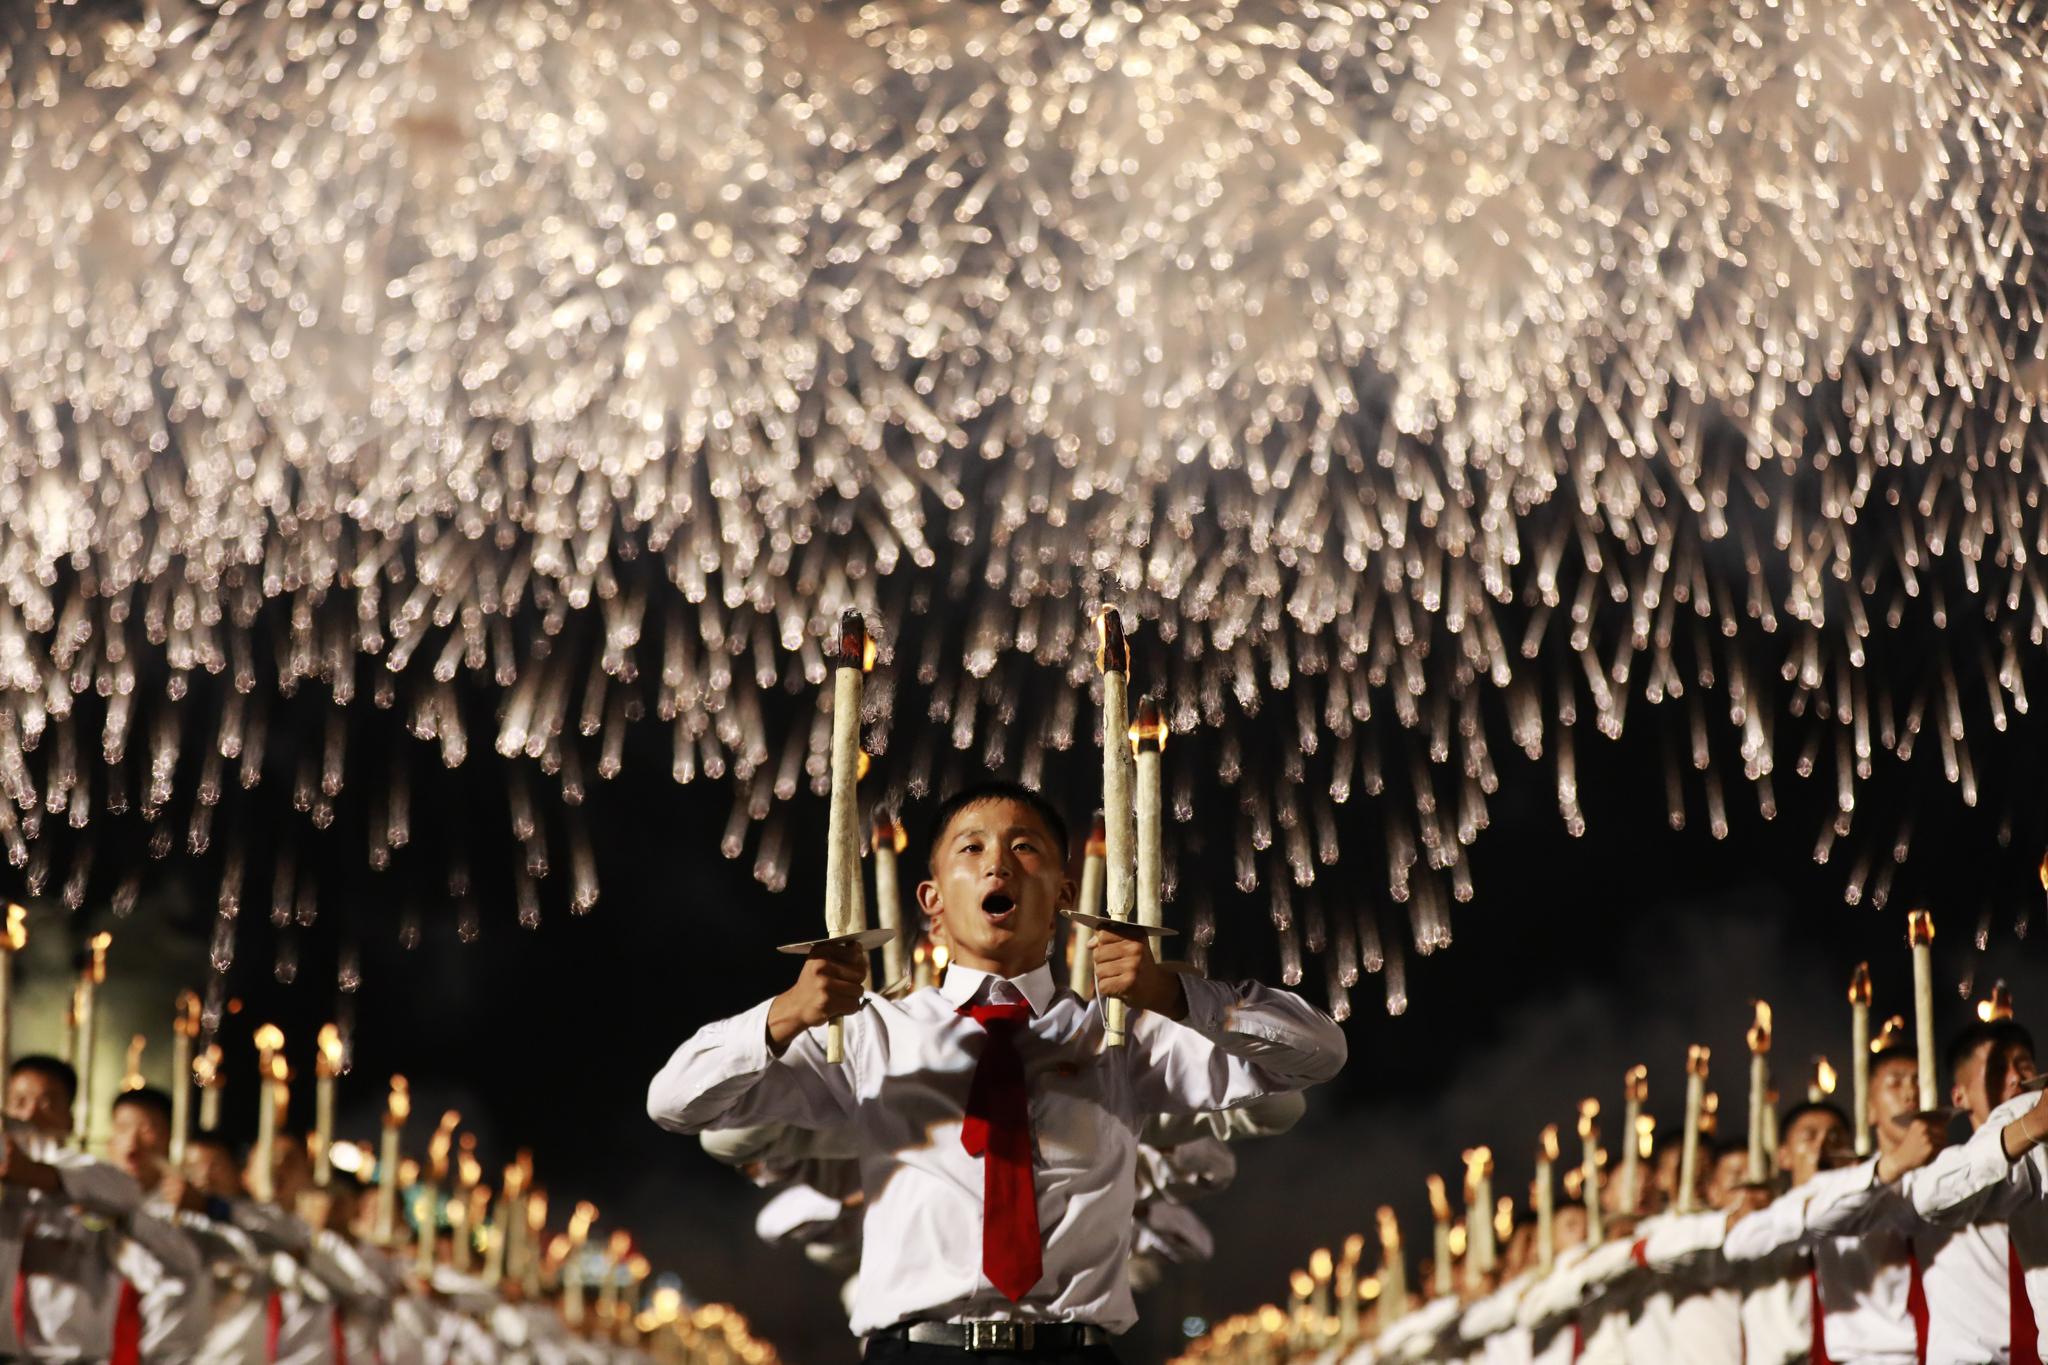 횃불을 든 수천명의 북한 청년들이 머리위로 불꽃이 터지고 있다. [EPA=연합뉴스]